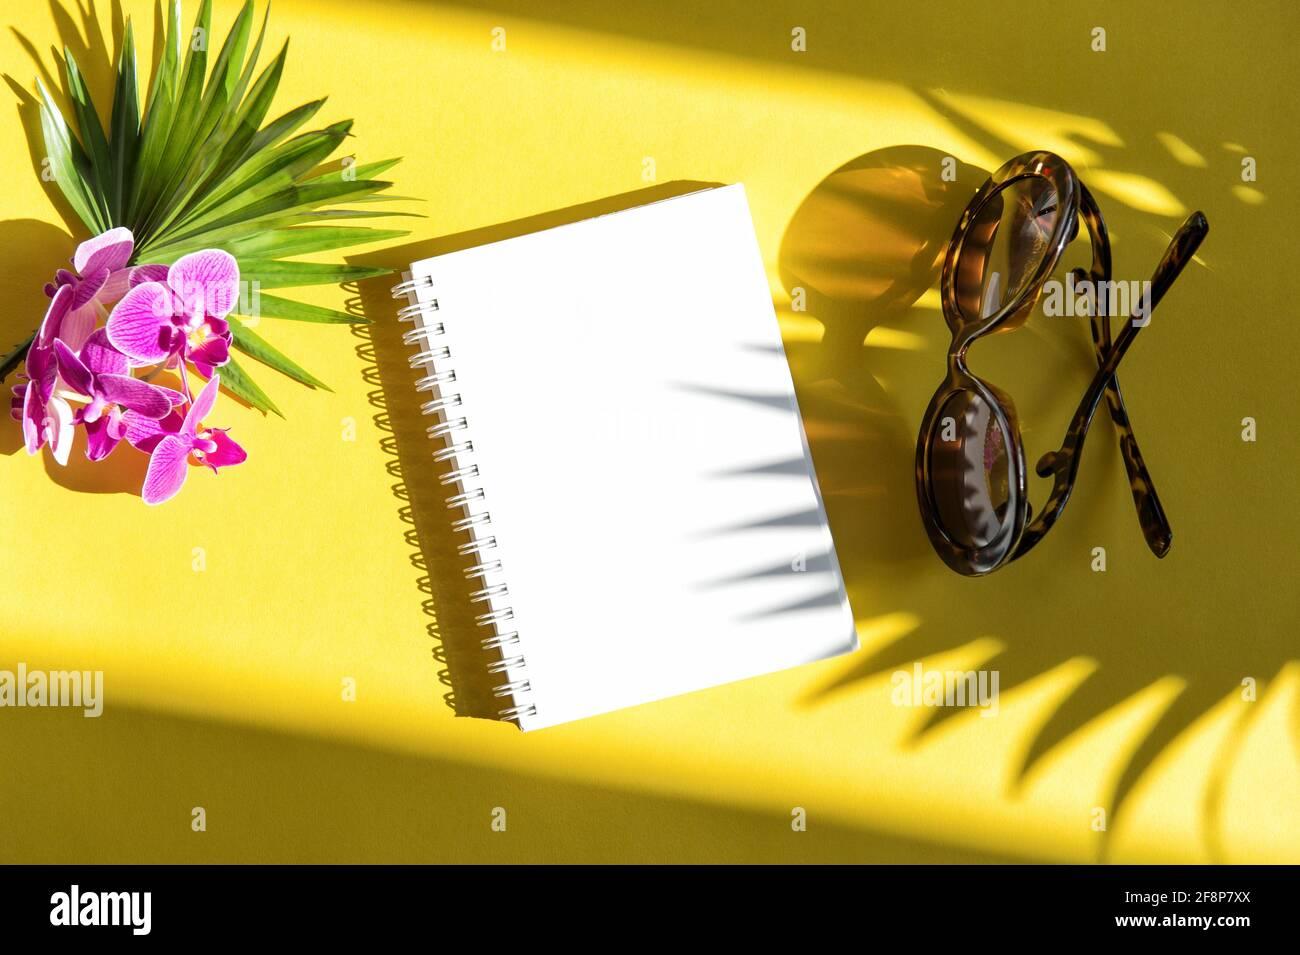 Appartamento estivo con ombra. Taccuino, occhiali da sole, foglia di palma, orchidea fiore su sfondo giallo Foto Stock